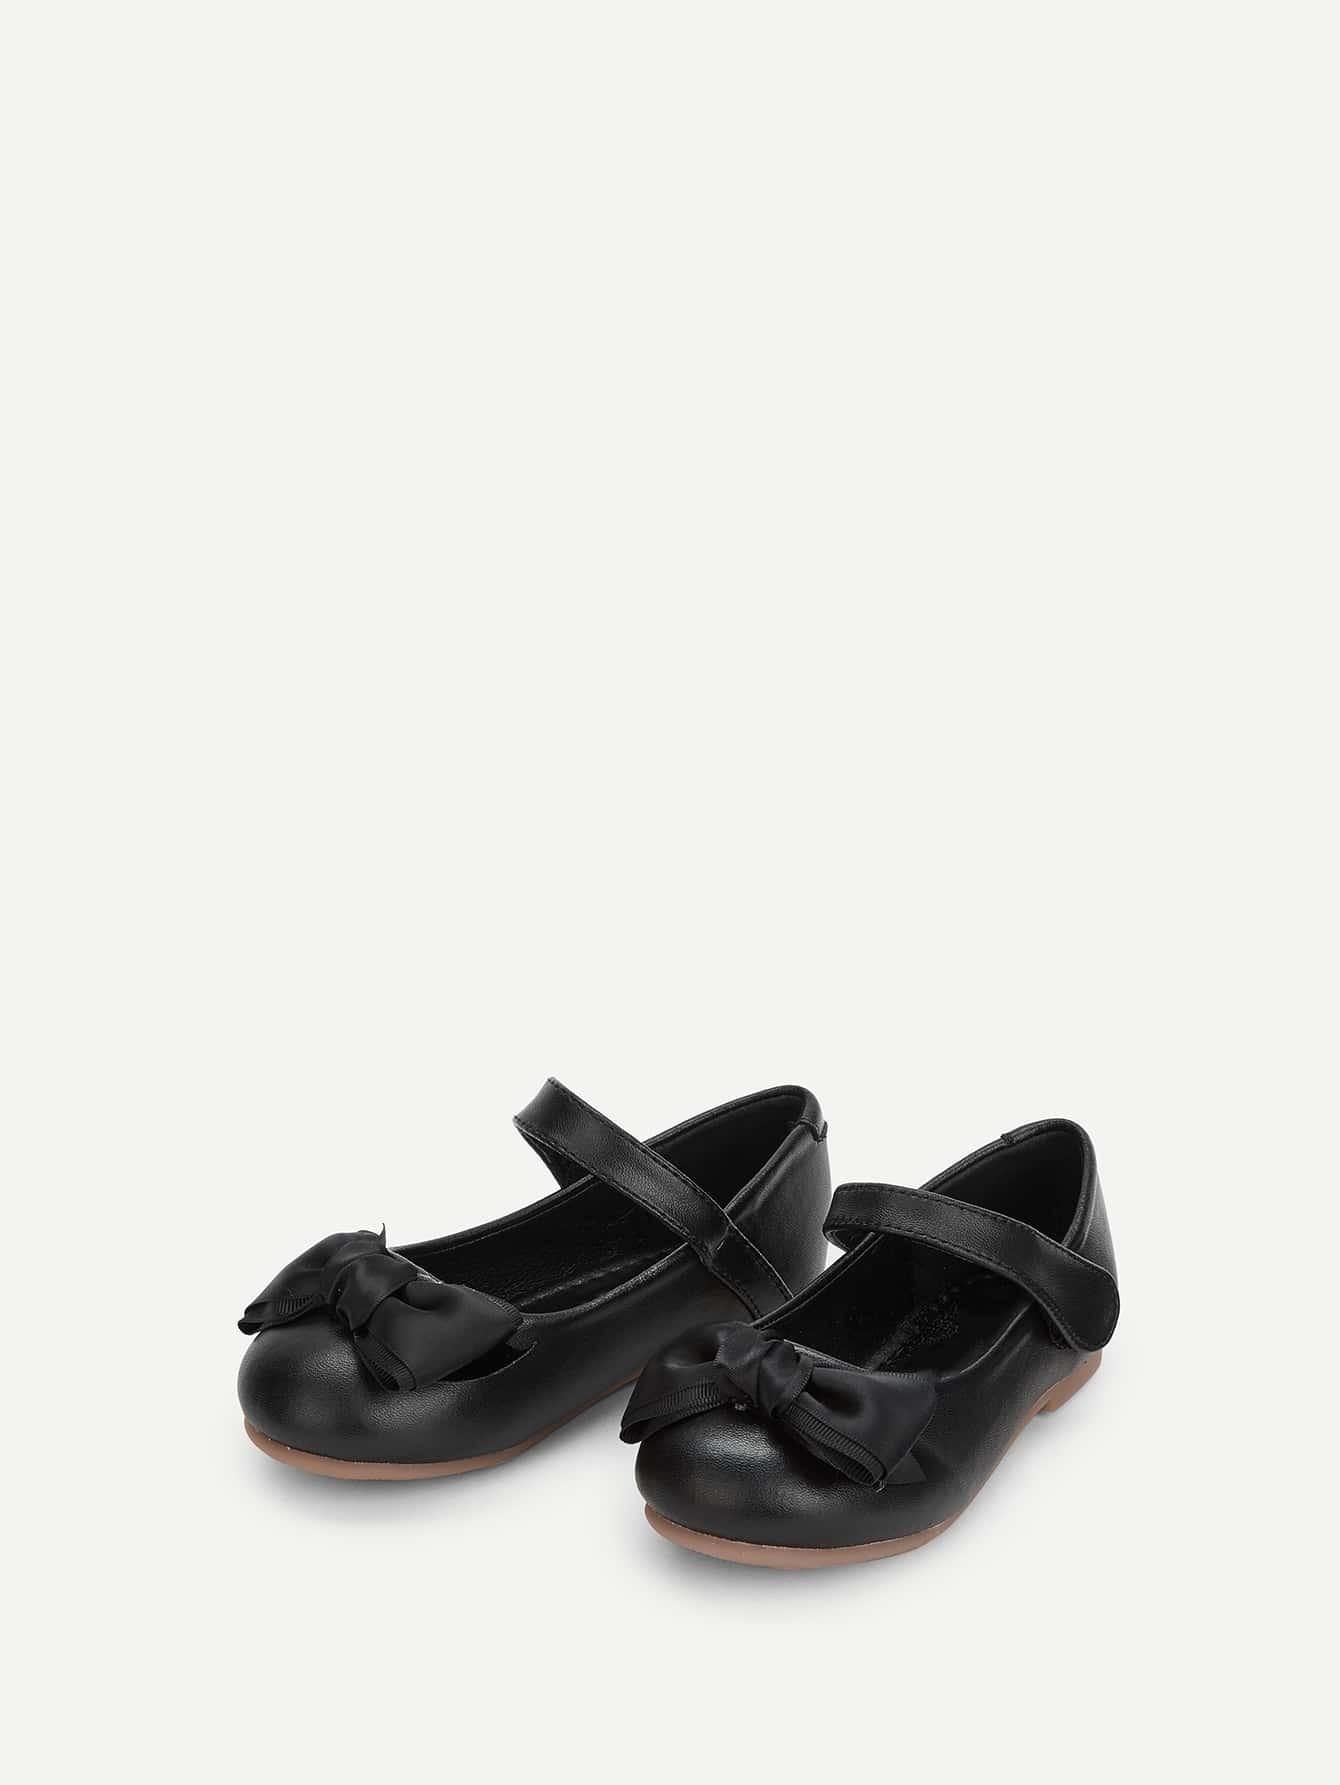 106c831a3 حذاء مسطح للبنات الصغار مزينة بقوس | شي إن